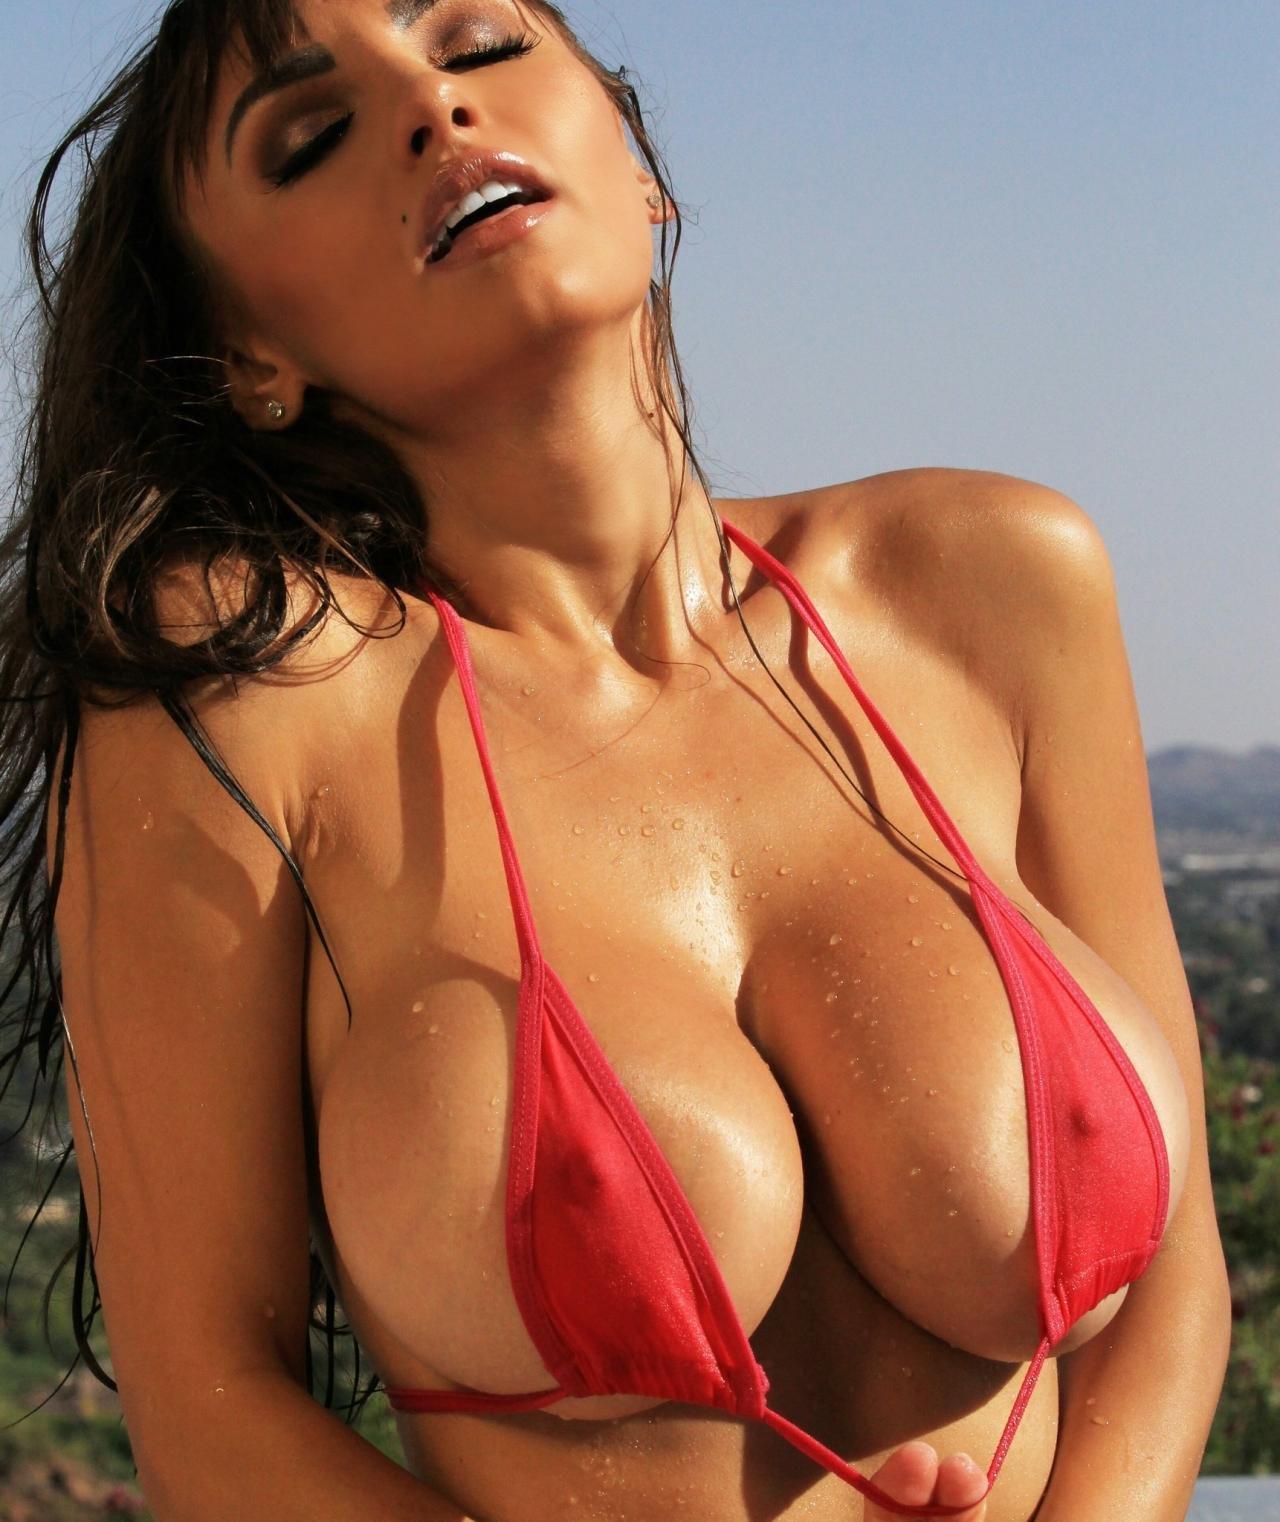 Эро фото русских сисек, снятое домашнее порно мжм